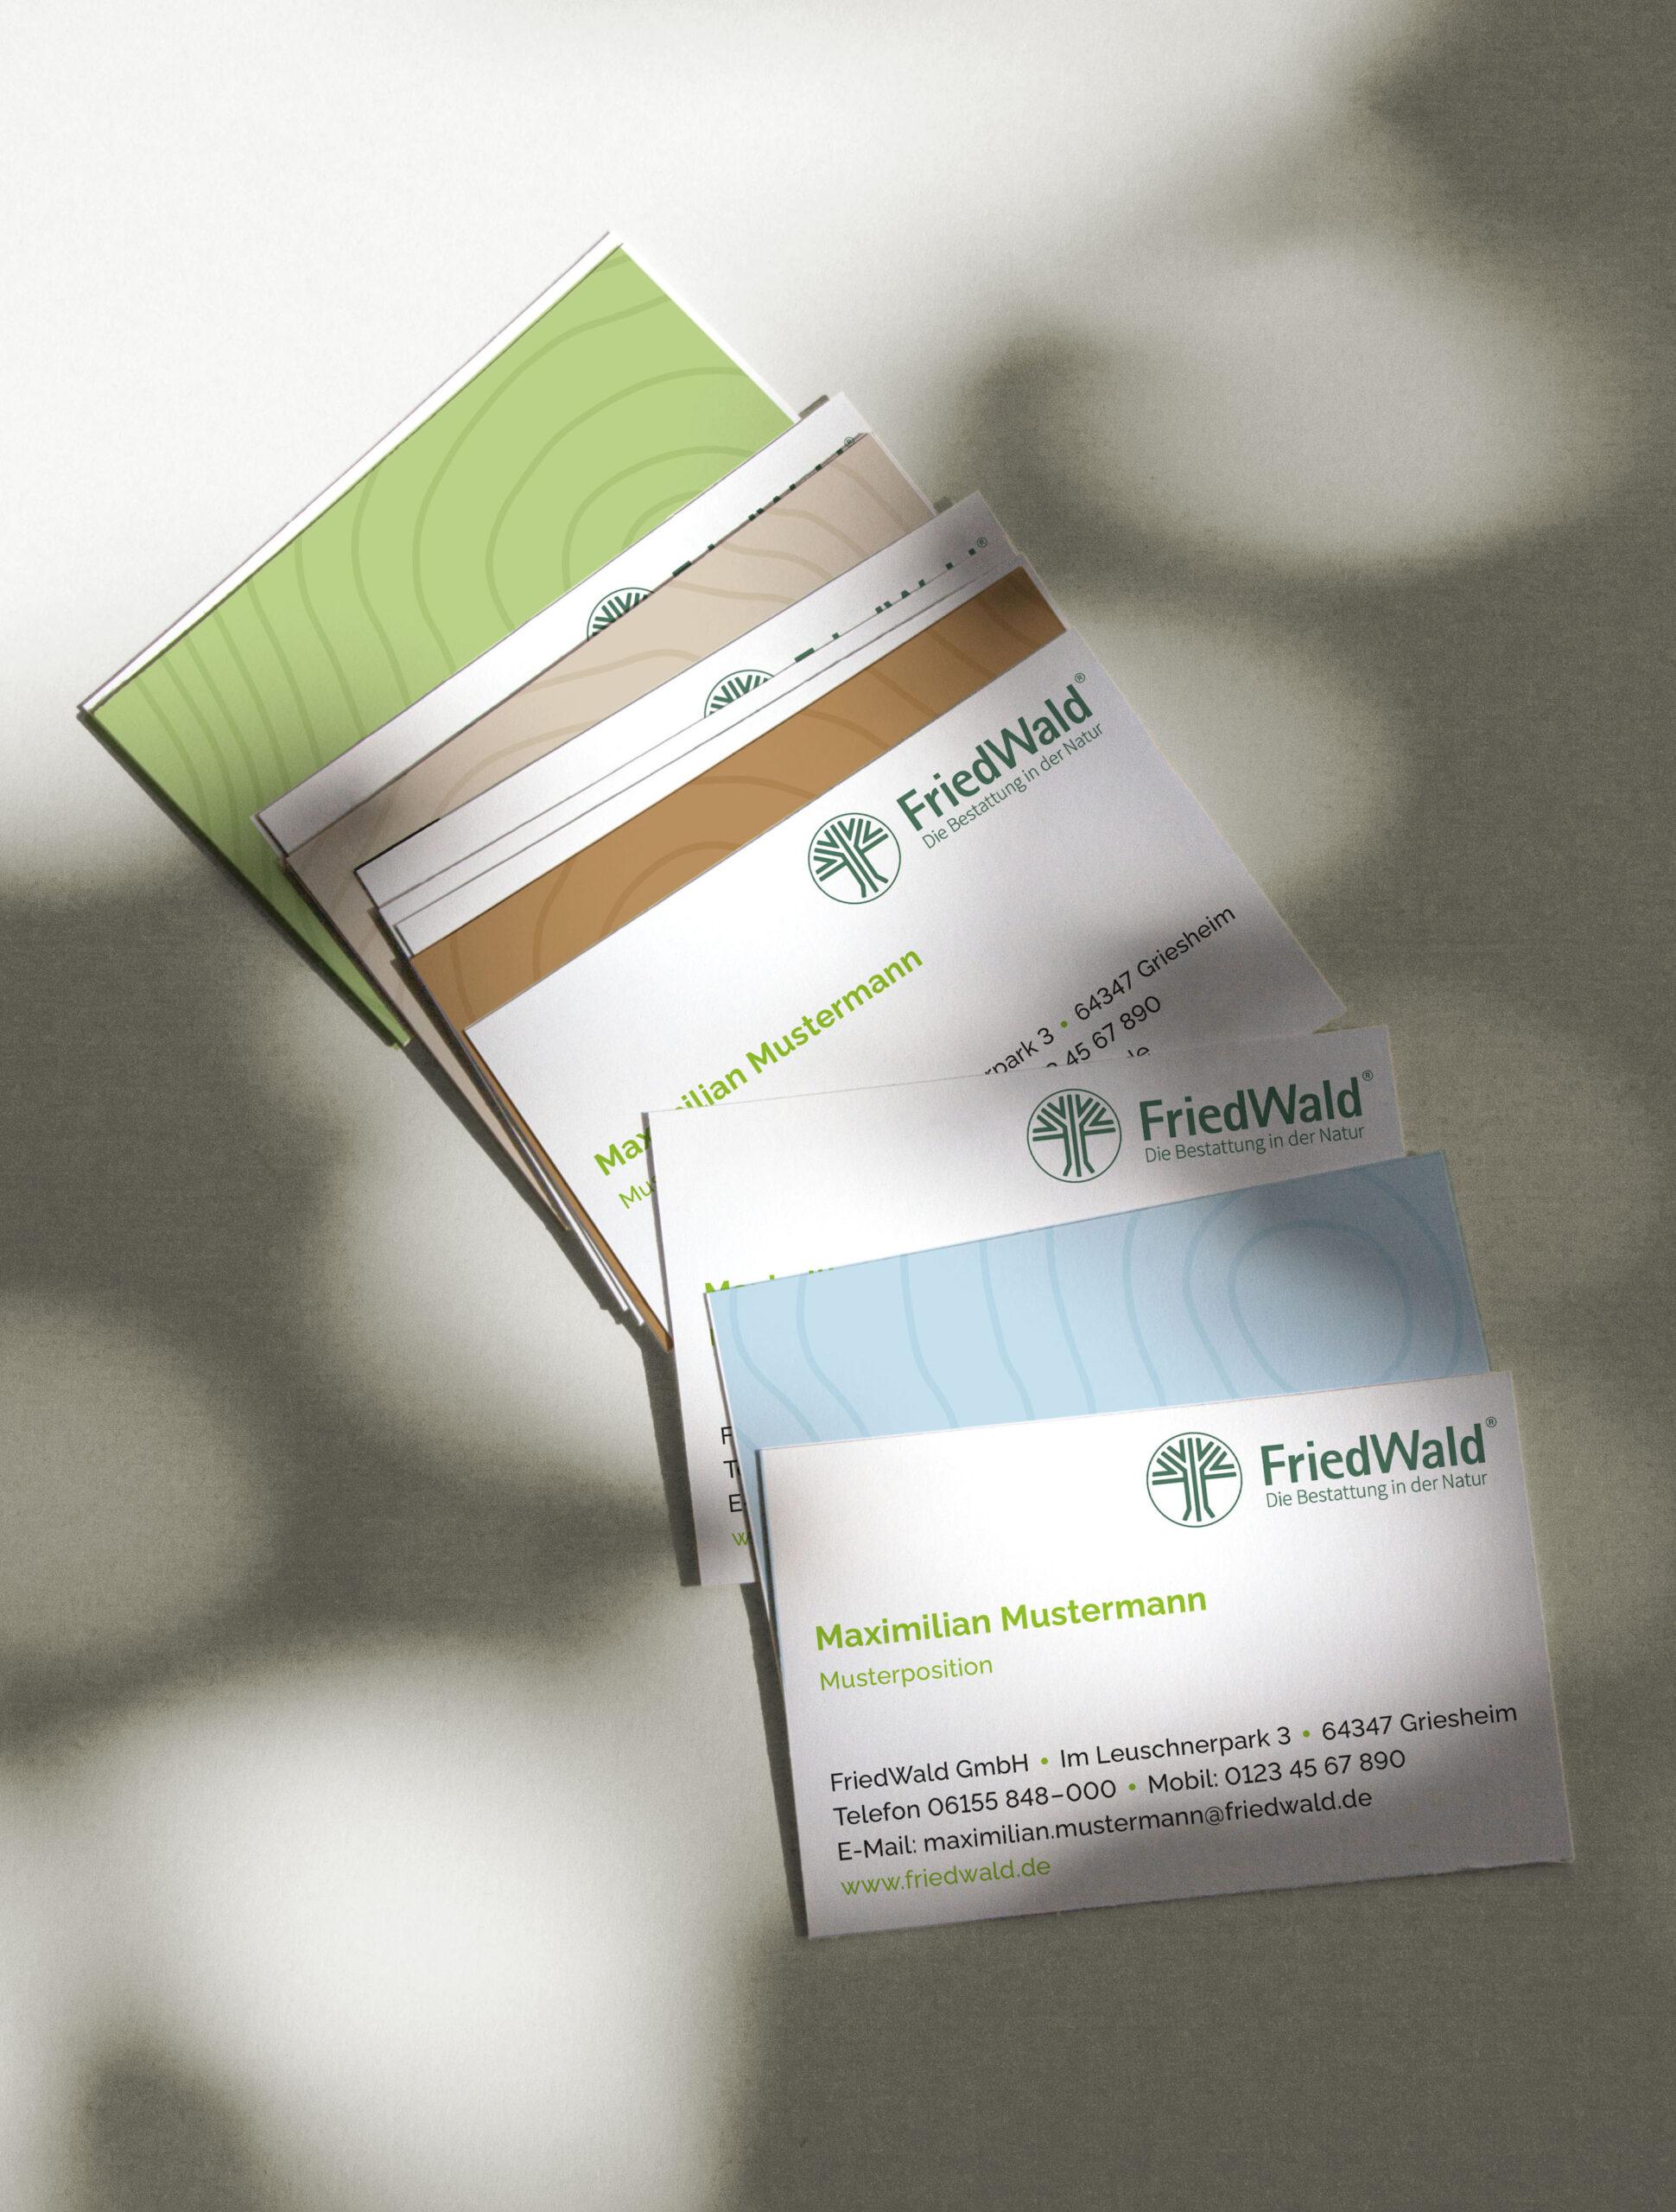 Case-Study-FriedWald-Material_Visitenkarten-1